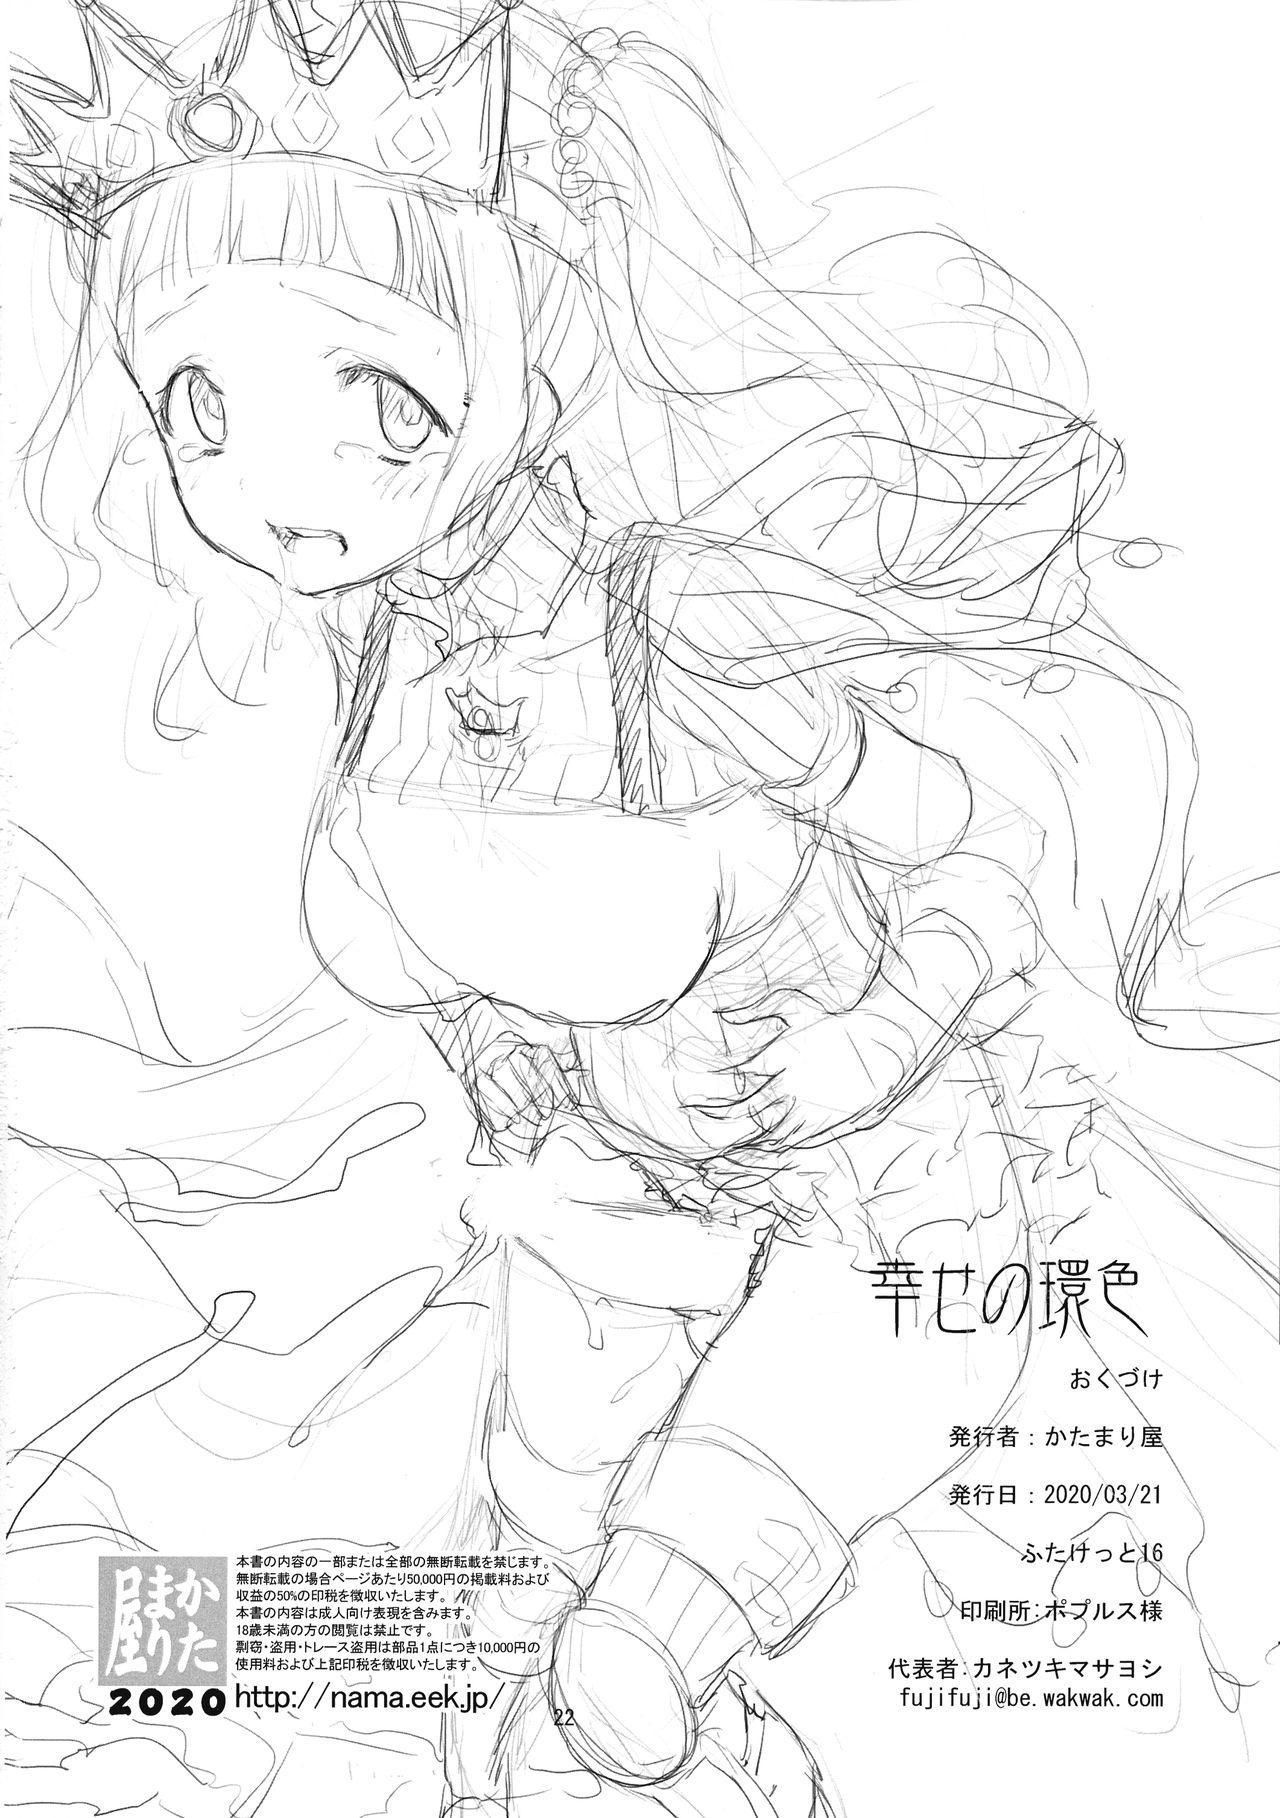 Shiawase no wa-iro 20